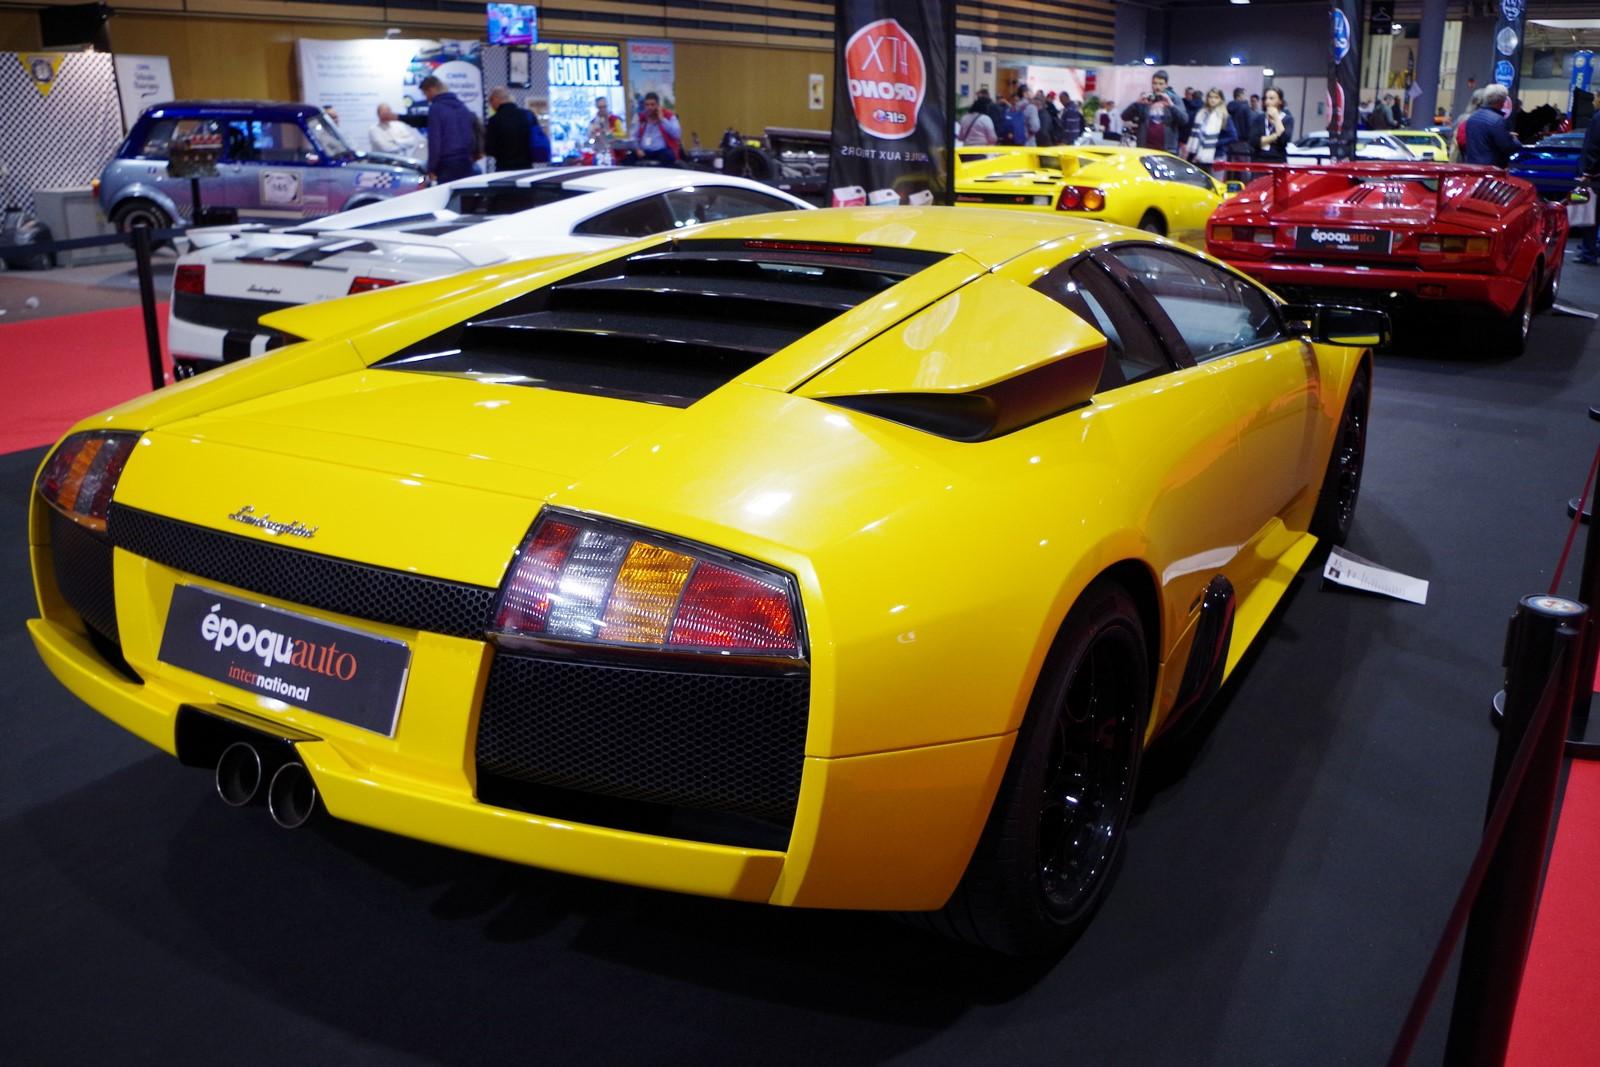 Exposition Lamborghini EpoquAuto 2018 42